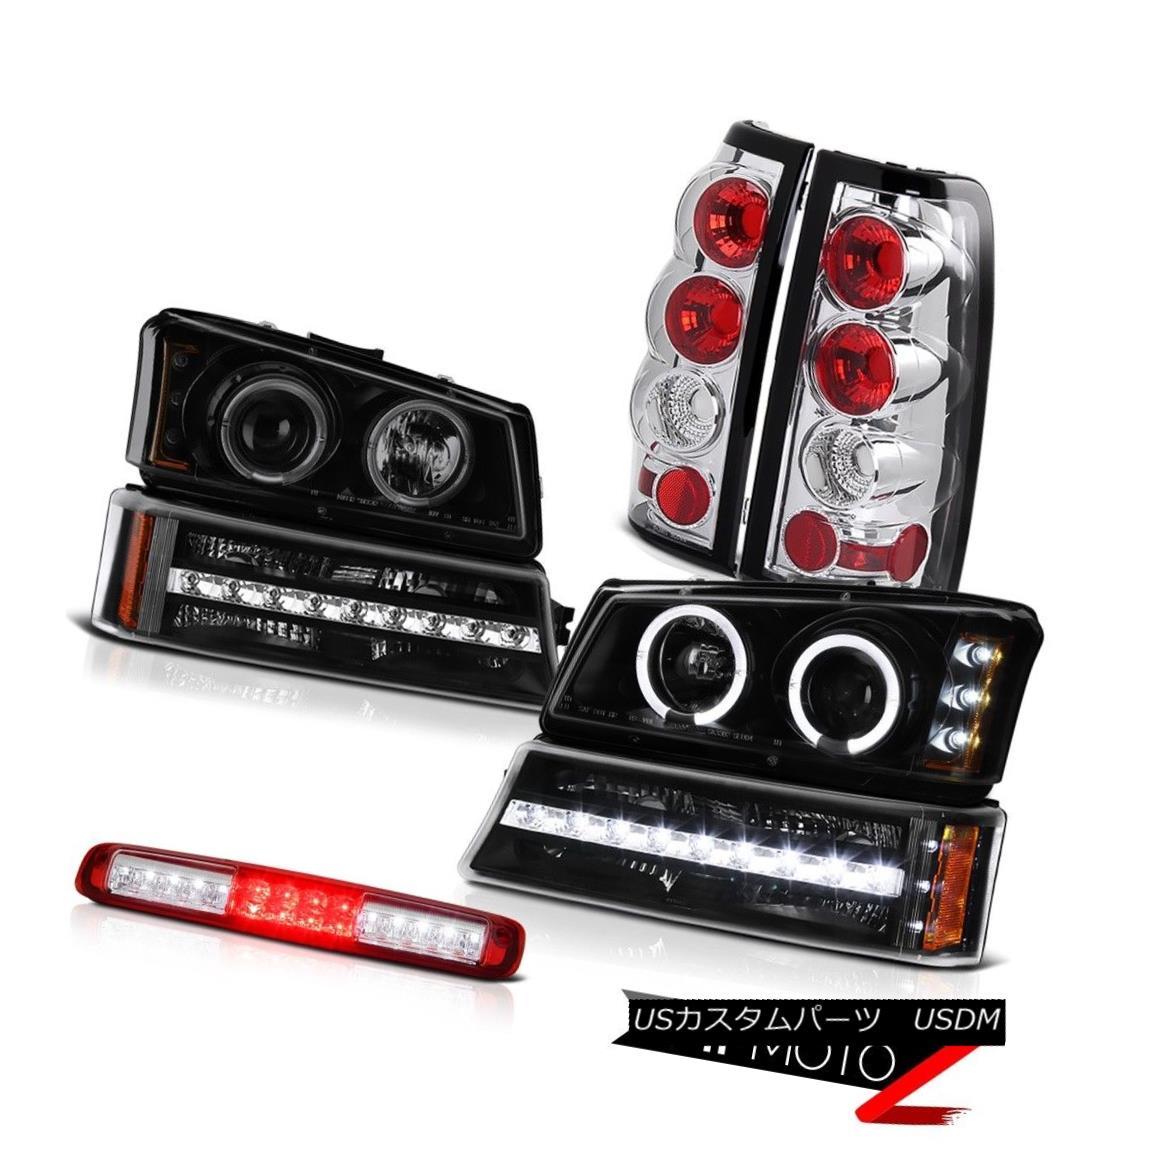 テールライト 03-06 Silverado 3500Hd Roof Brake Light Inky Black Bumper Headlights Tail Lamps 03-06 Silverado 3500Hdルーフブレーキライトインキブラックバンパーヘッドライトテールランプ